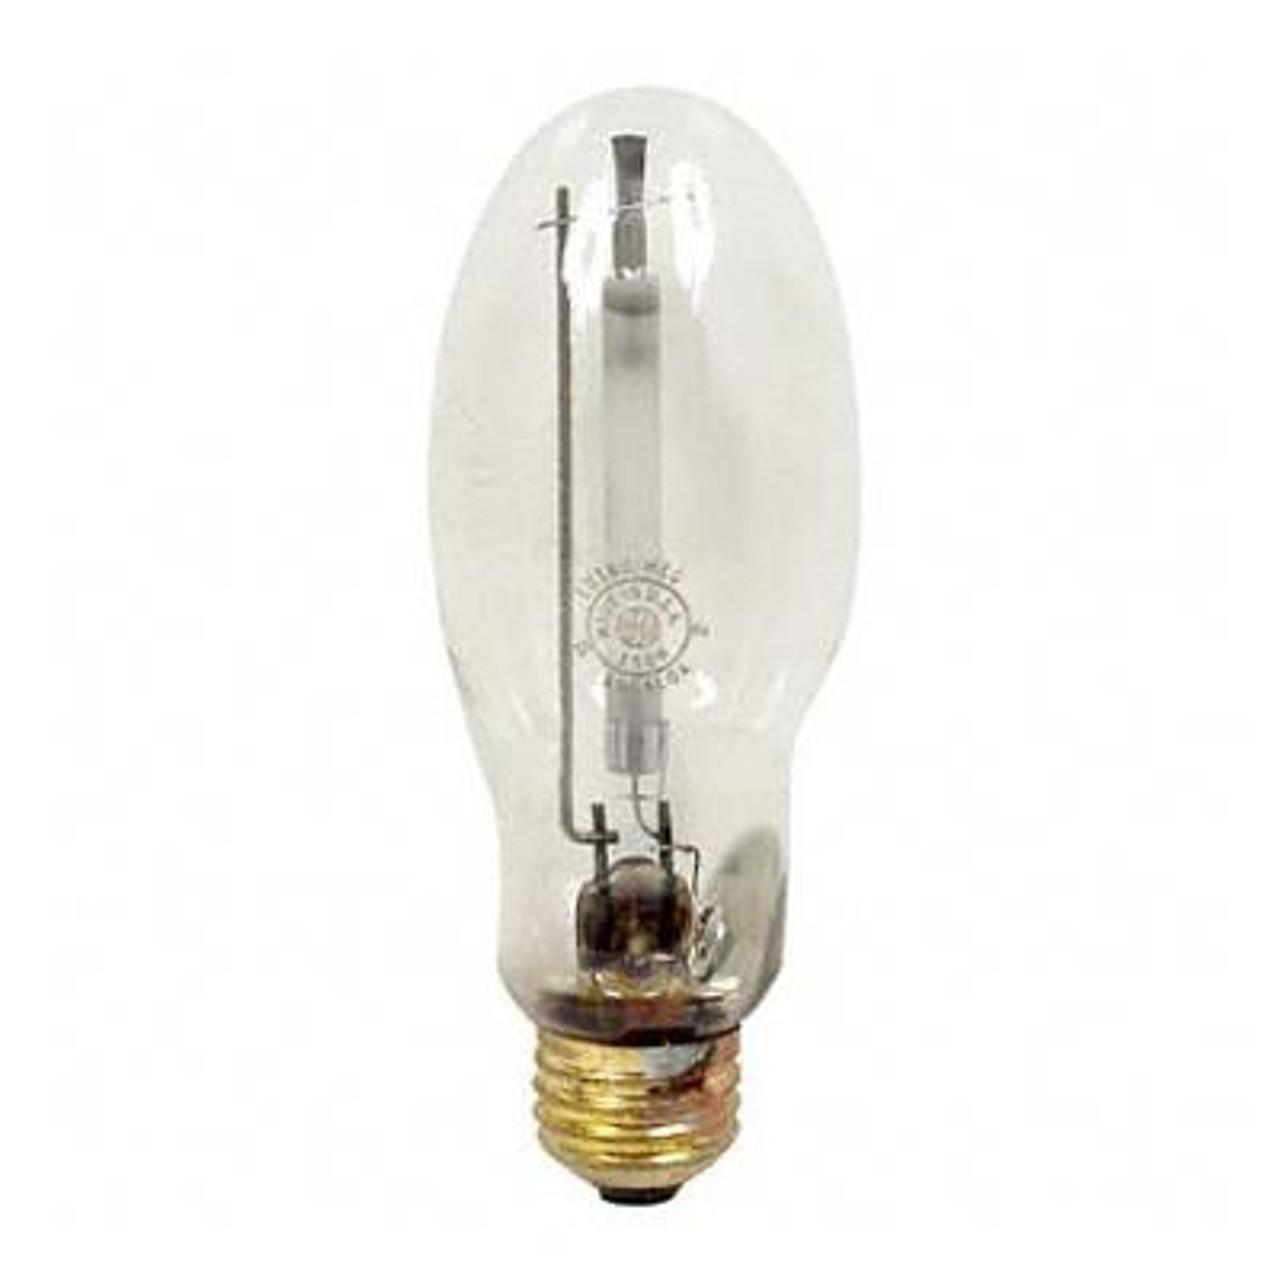 GE LU70//D//MED Lucalox High Pressure Sodium Lamp Light Bulb 70W E26 Medium Base